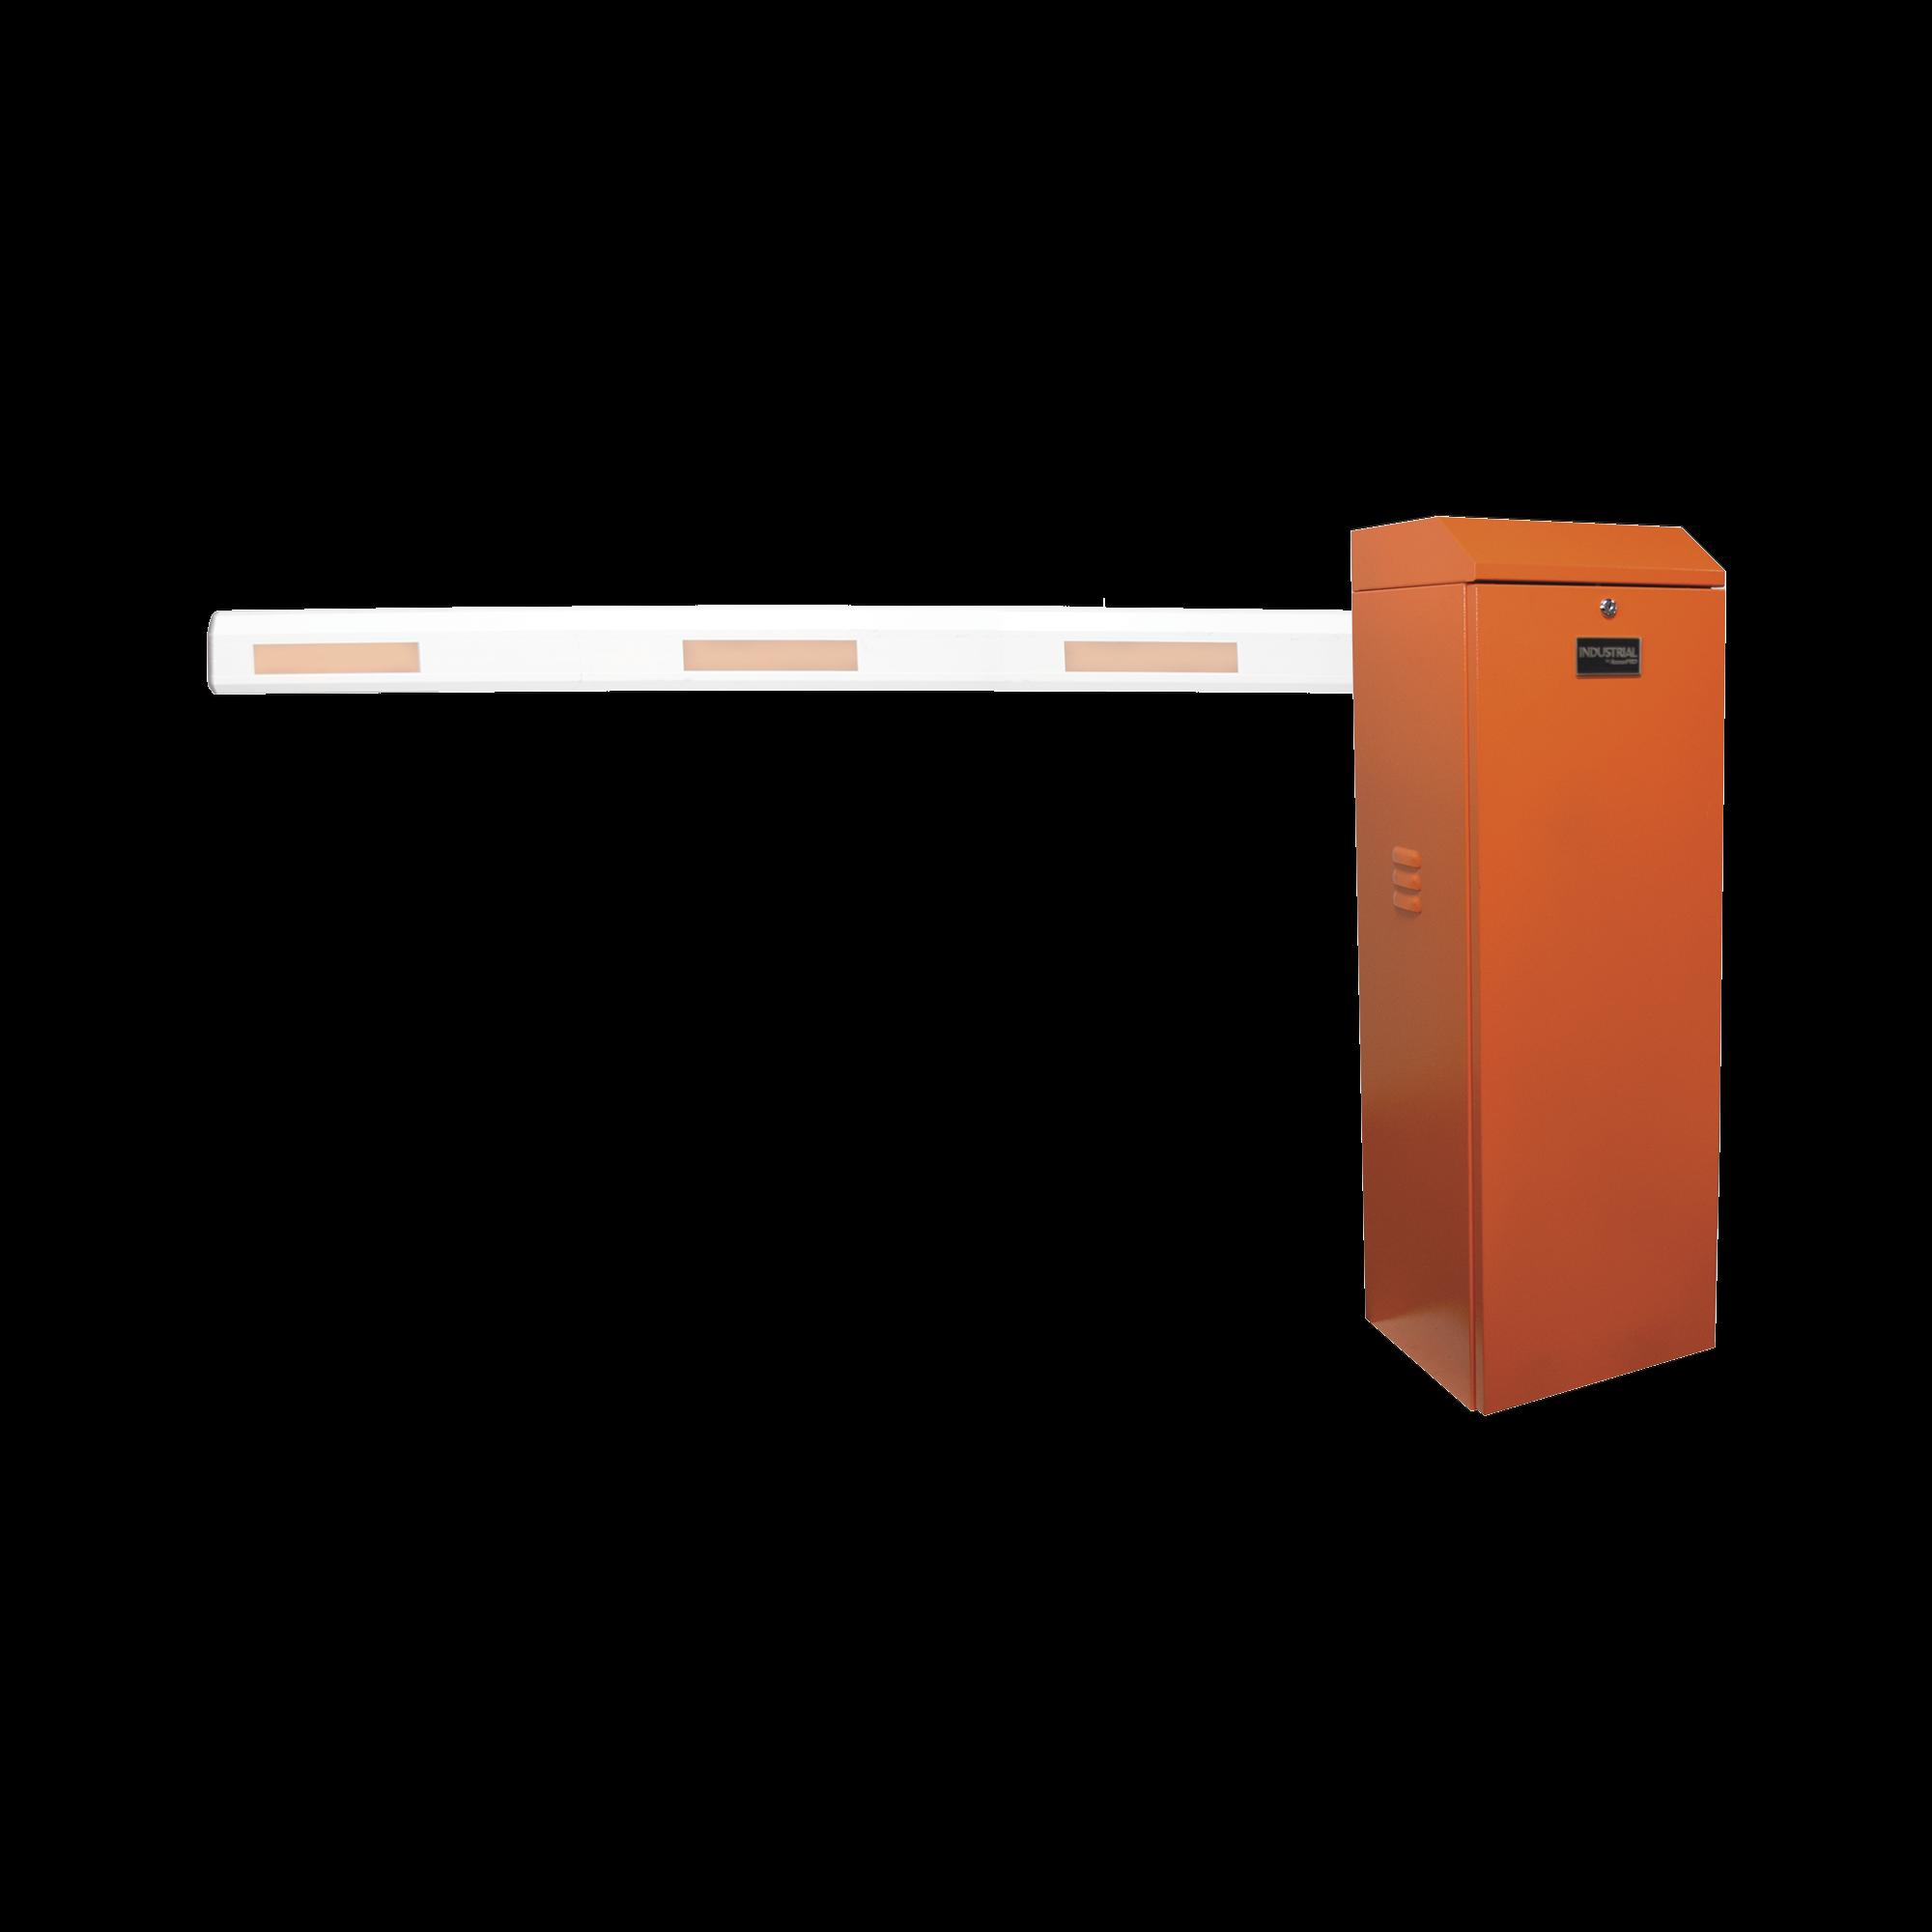 Barrera vehicular izquierda / Soporta brazo de hasta 3 m / Apertura en 1.5 s /Final de carrera ajustable por programacion / Movimiento fluido / Dise�o elegante color naranja